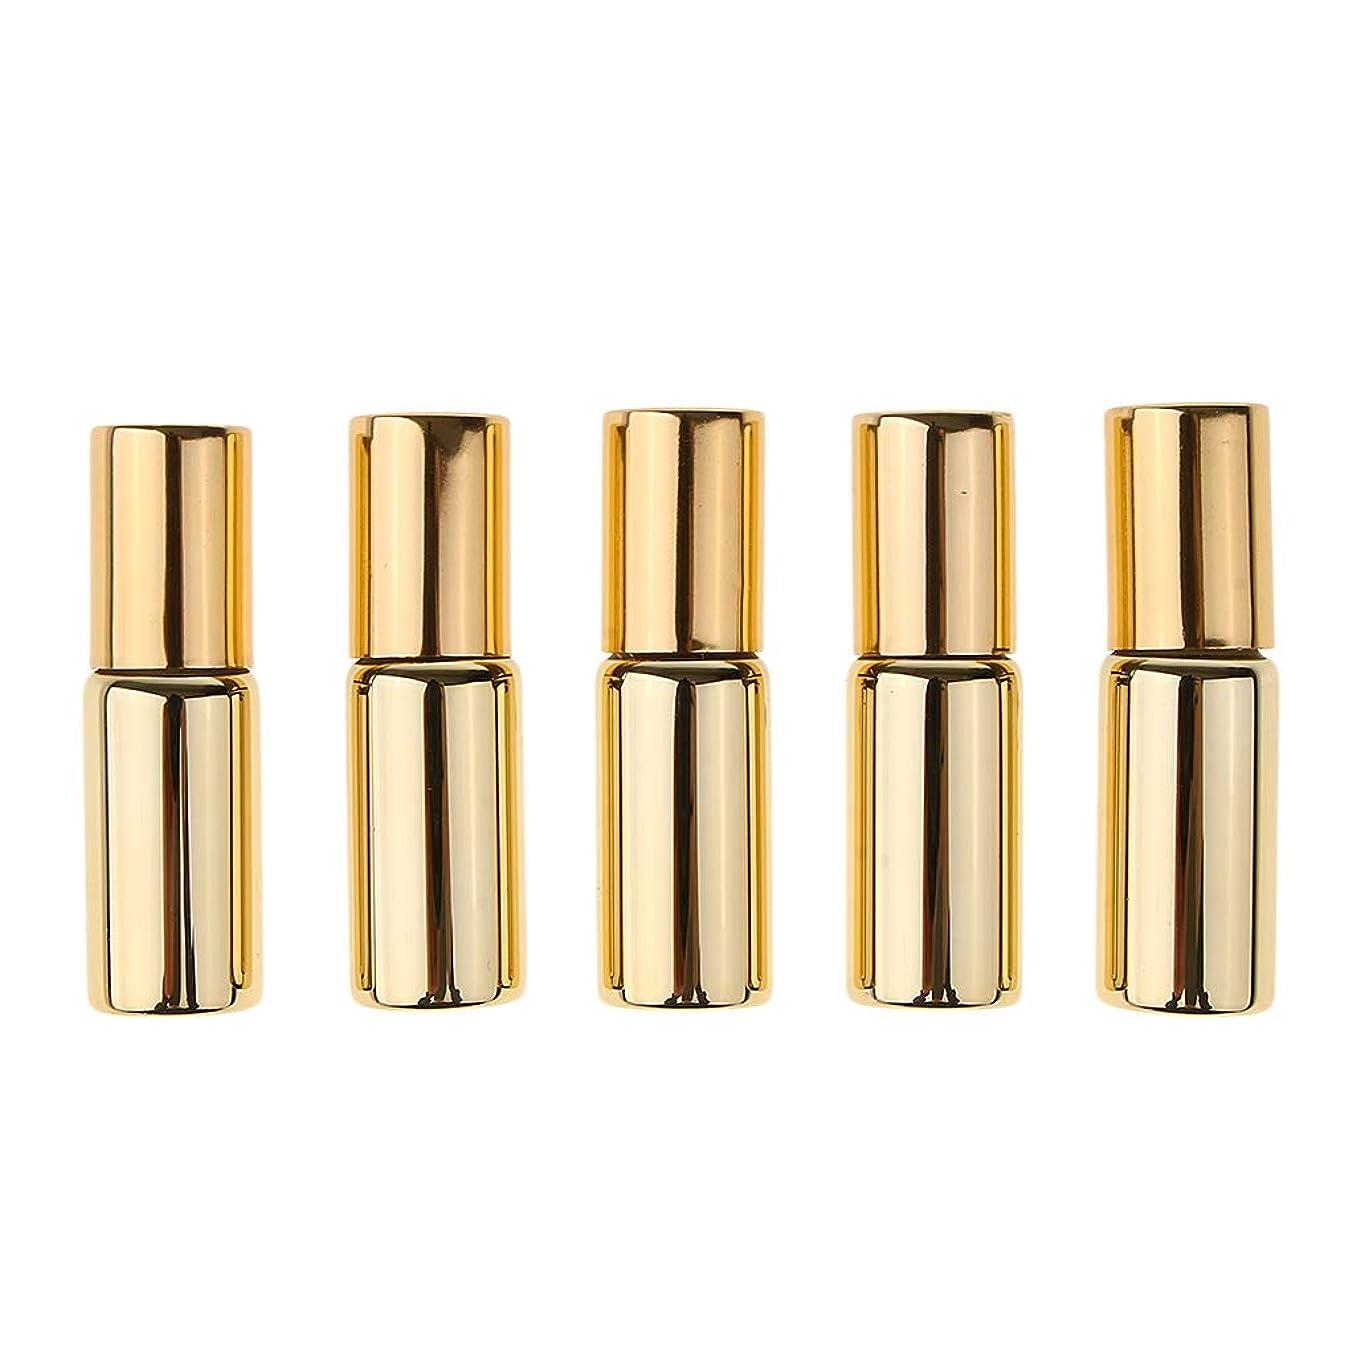 Perfeclan ローラーボトル ガラスボトル 5本 空の遮光ビン アロマ 小分け容器 詰替え 5ミリ 全2色 - ゴールド